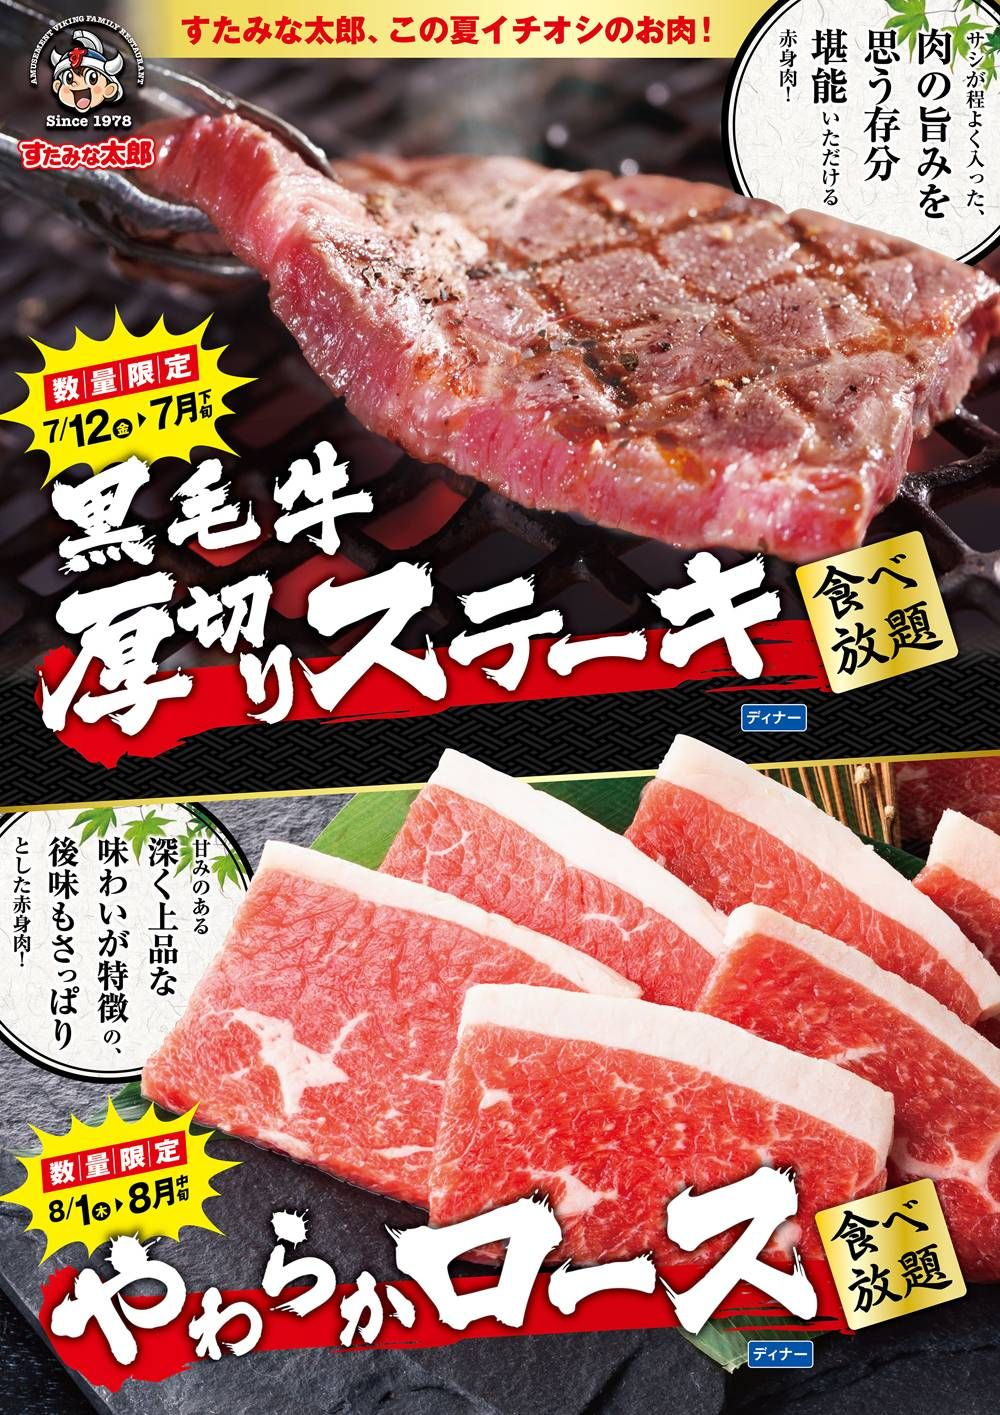 【速報】すたみな太郎、『黒毛牛ステーキ』が期間限定でなんと食べ放題!!